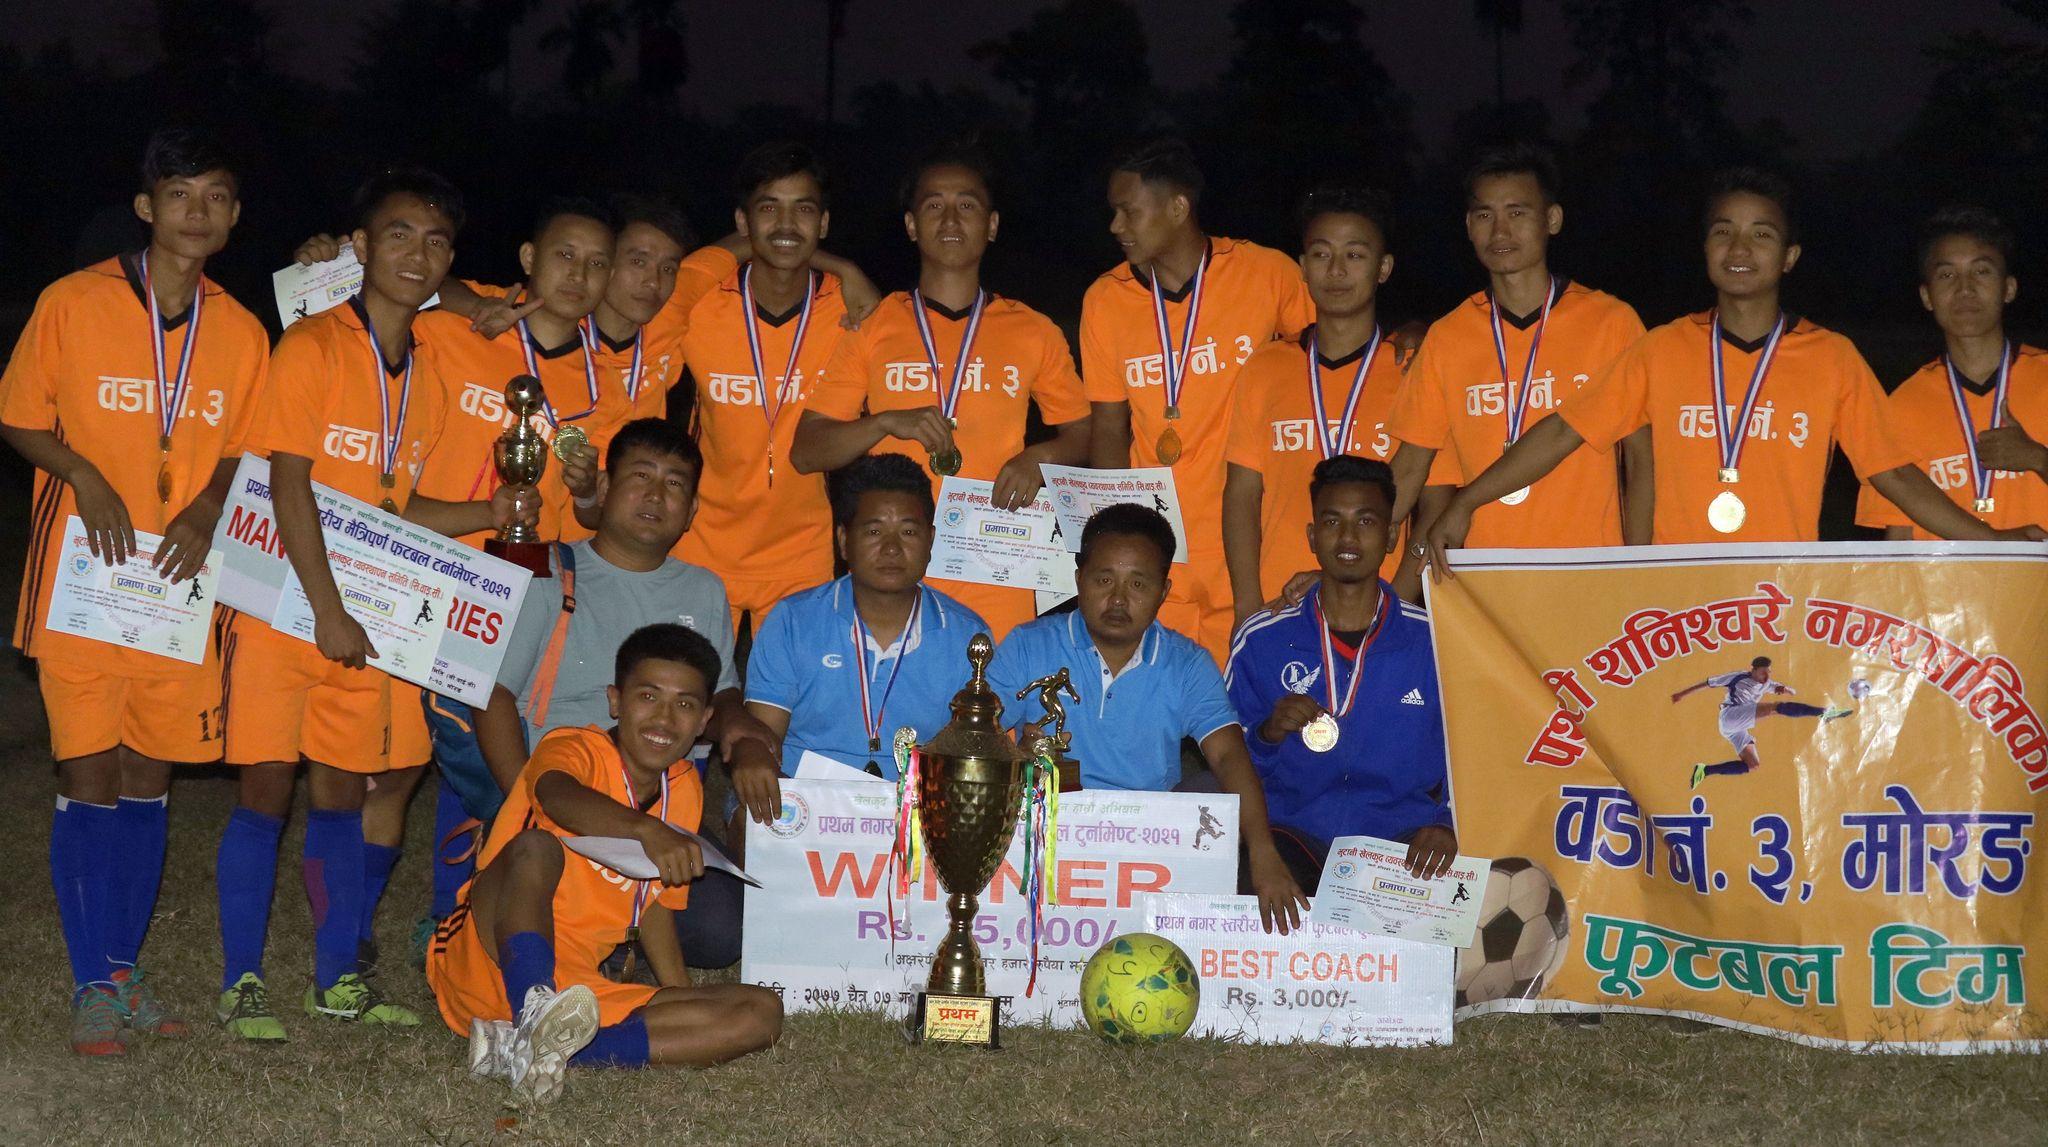 वडा नं ३ बन्यो नगर स्तरीय फुटबल प्रतियोगीताको च्याम्पियन